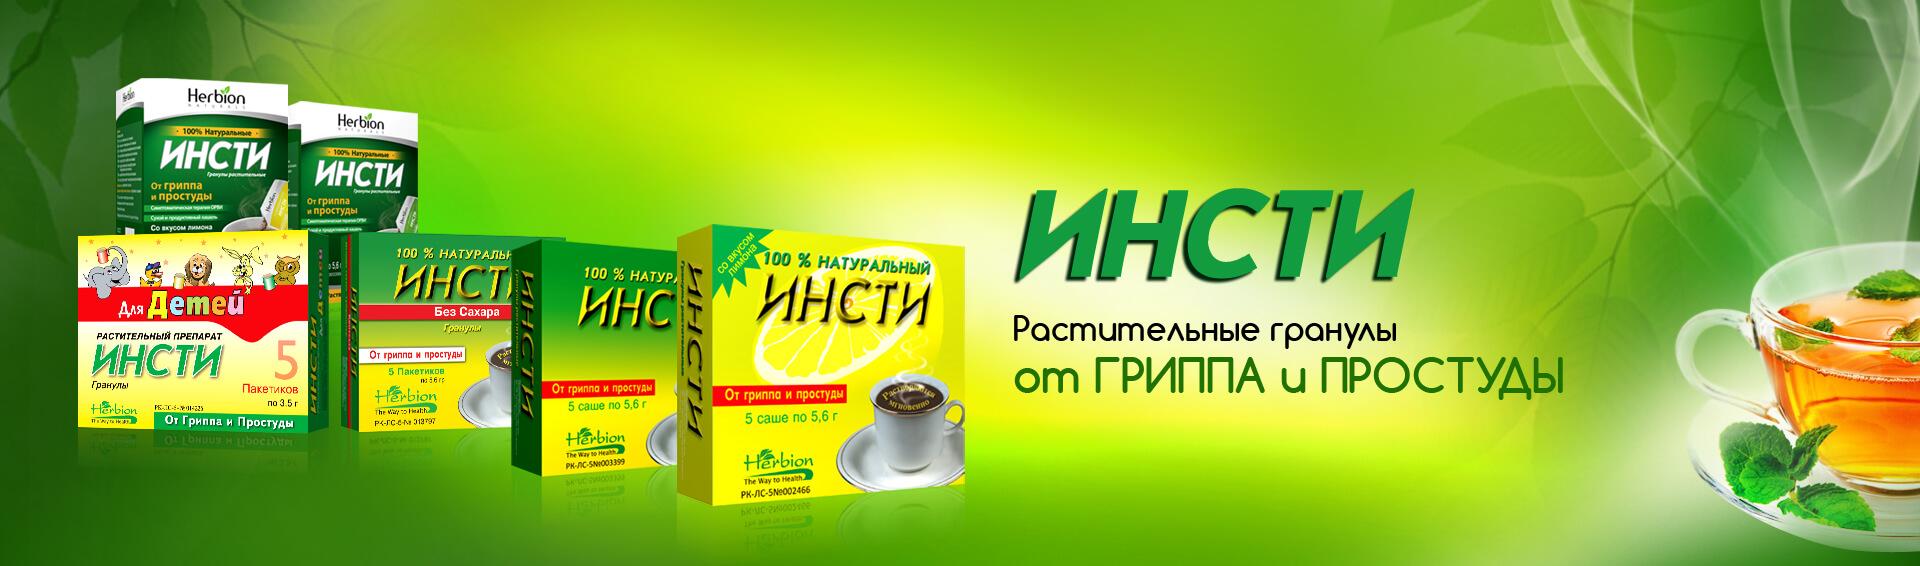 Инсти натуральное средство от гриппа и простуды